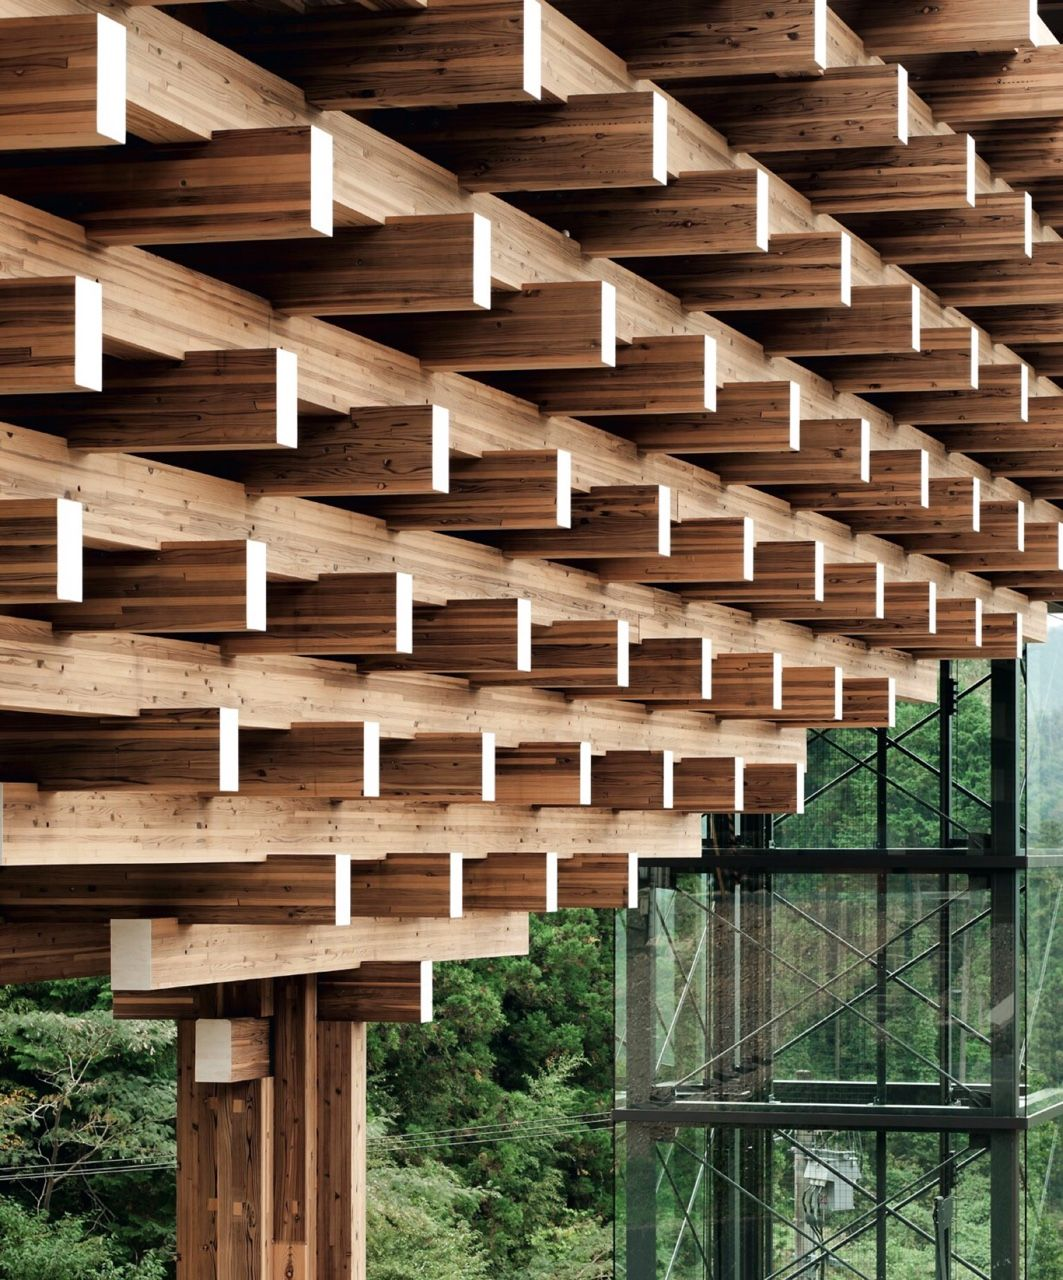 kengo kuma yusuhara wooden bridge museum japan